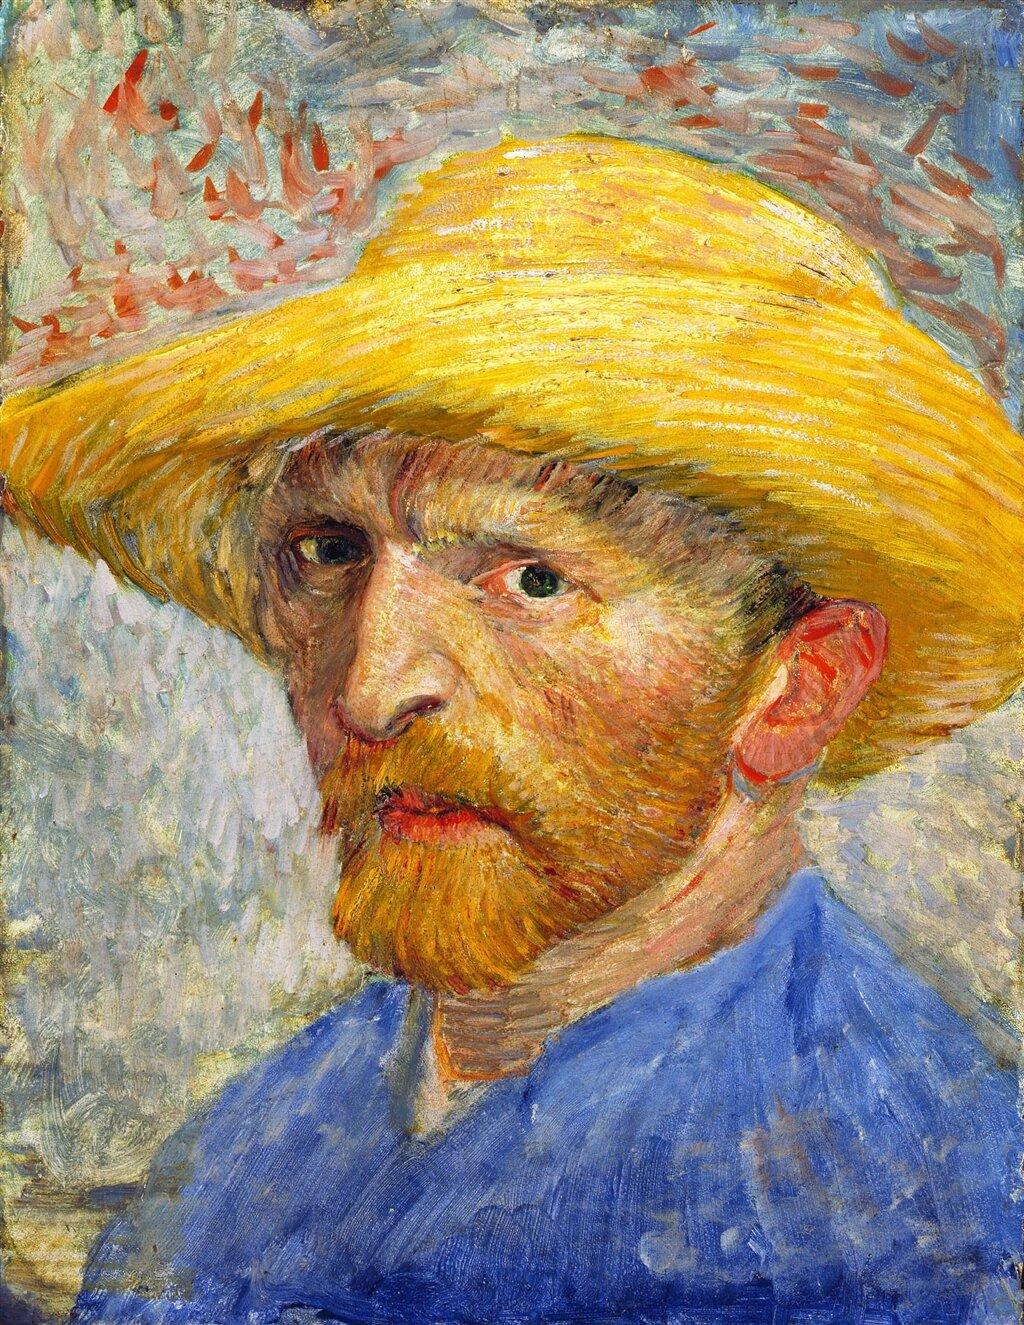 Autoportret wsłomkowym kapeluszu Źródło: Vincent van Gogh, Autoportret wsłomkowym kapeluszu, 1887, Detroit Institute of Arts, domena publiczna.